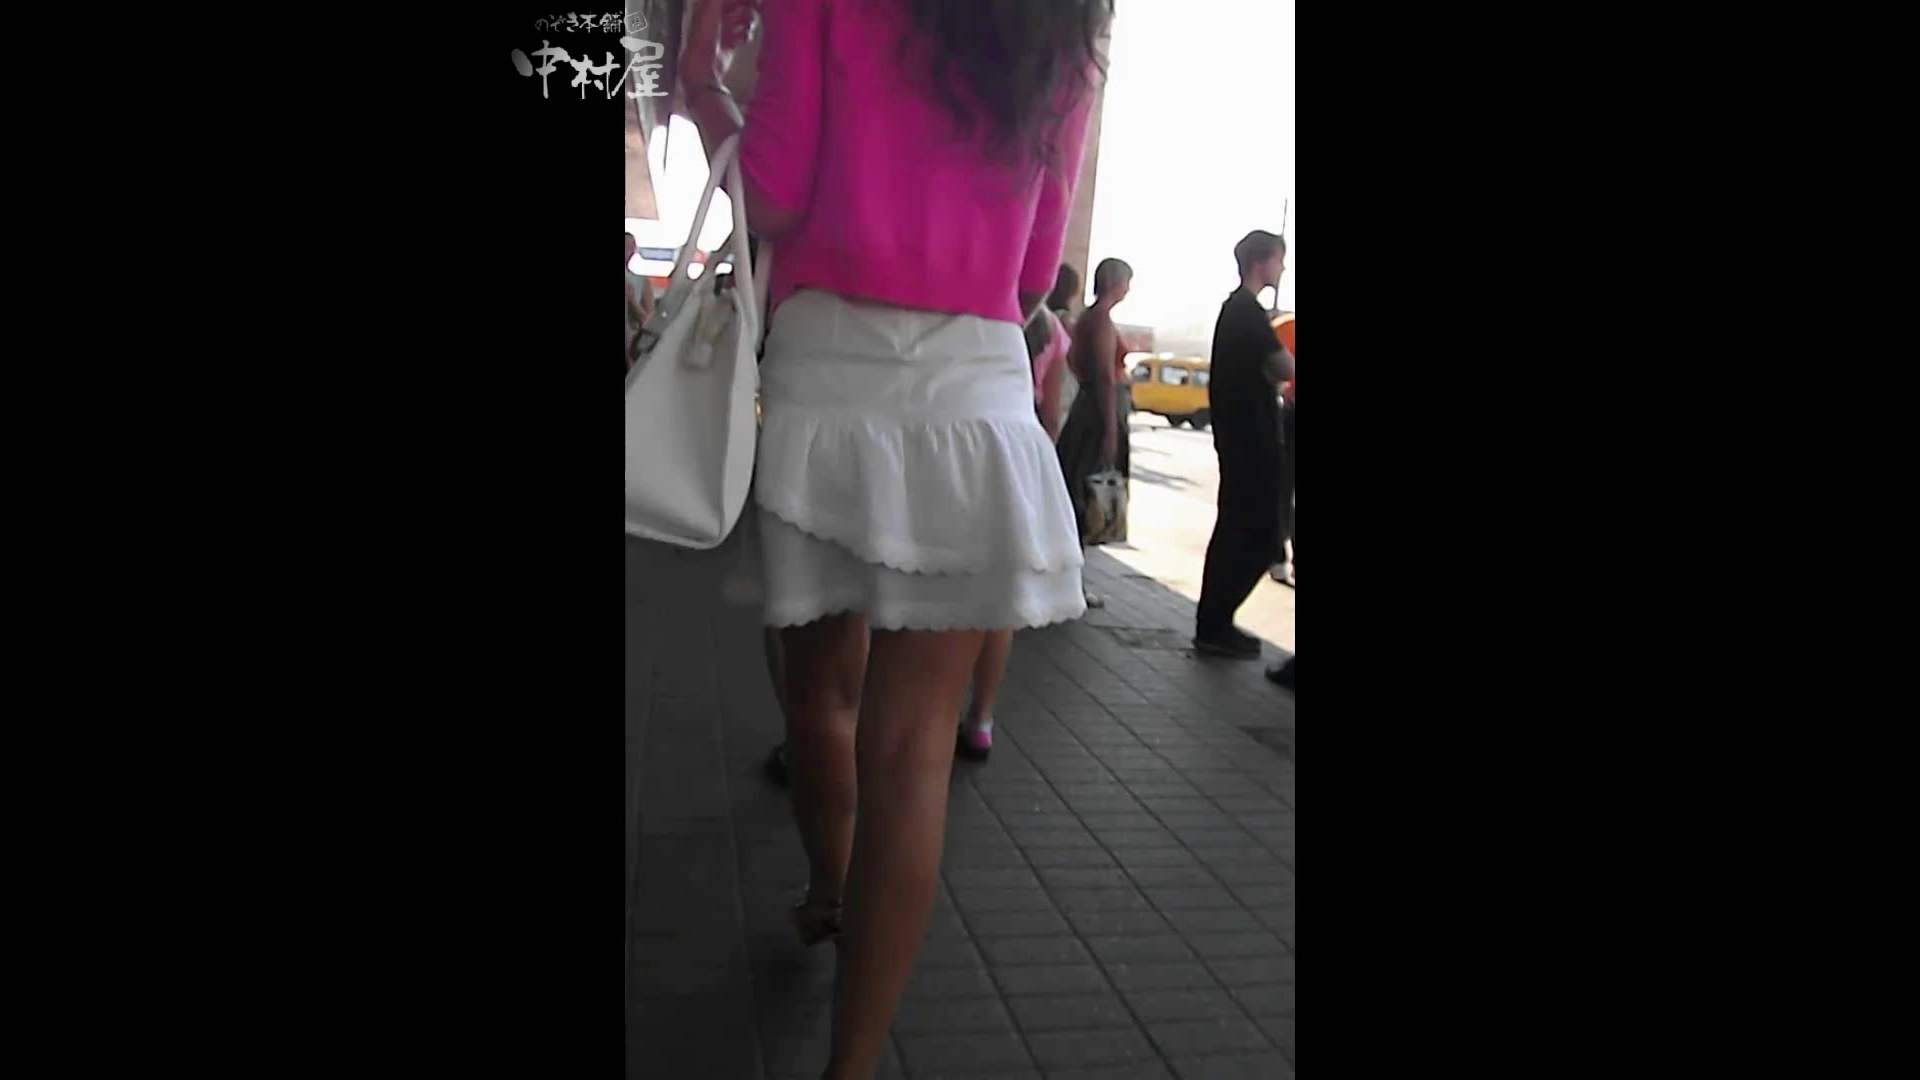 綺麗なモデルさんのスカート捲っちゃおう‼ vol11 OLエロ画像  61PICs 22